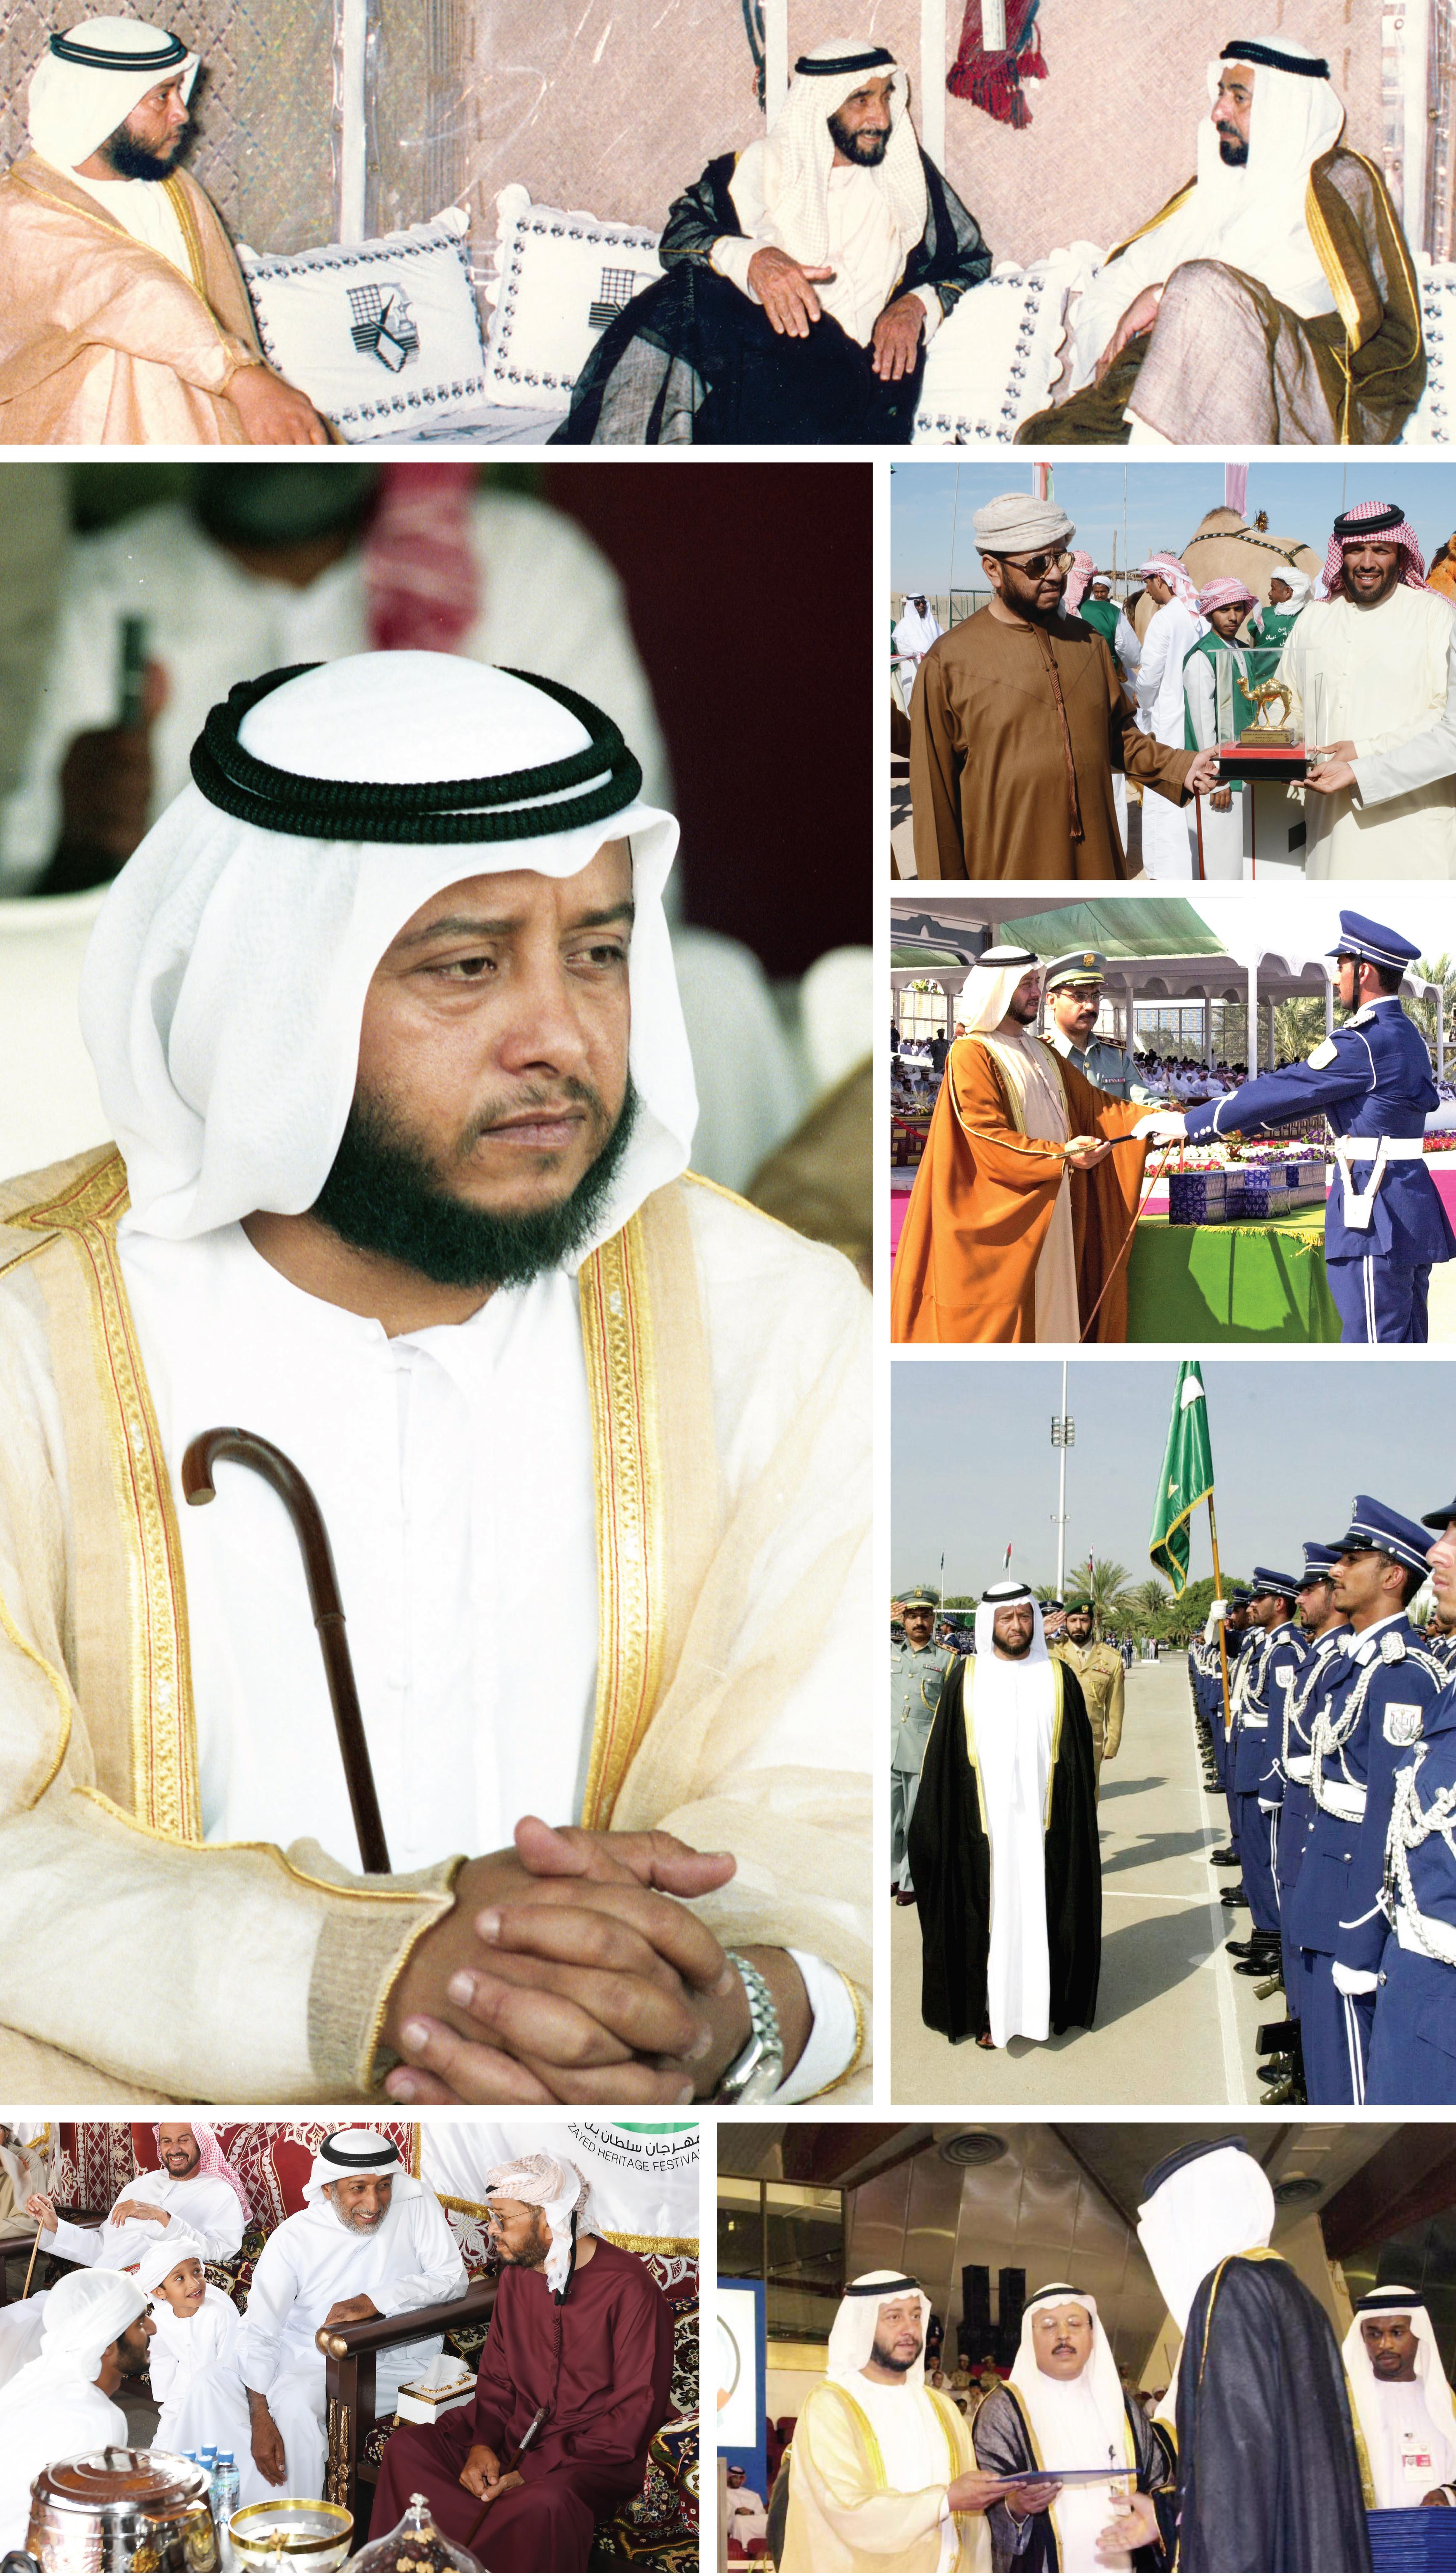 الشيخ سلطان بن زايد بن خليفة آل نهيان